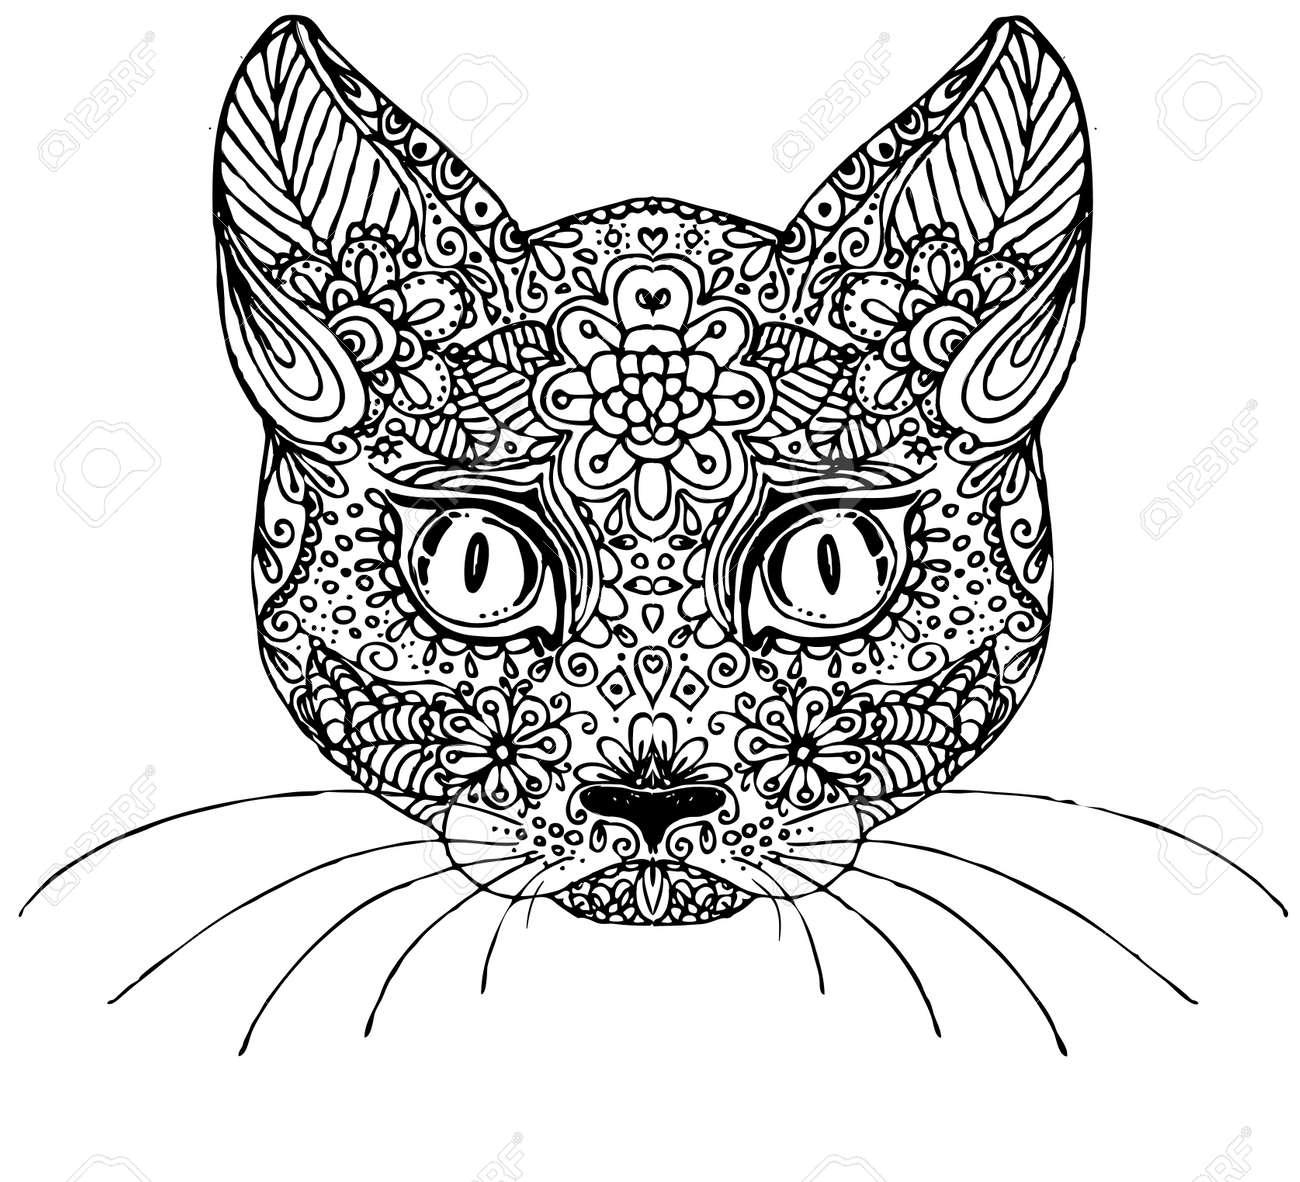 手描き落書きの猫t シャツ招待状カードバナーカレンダーぬりえ